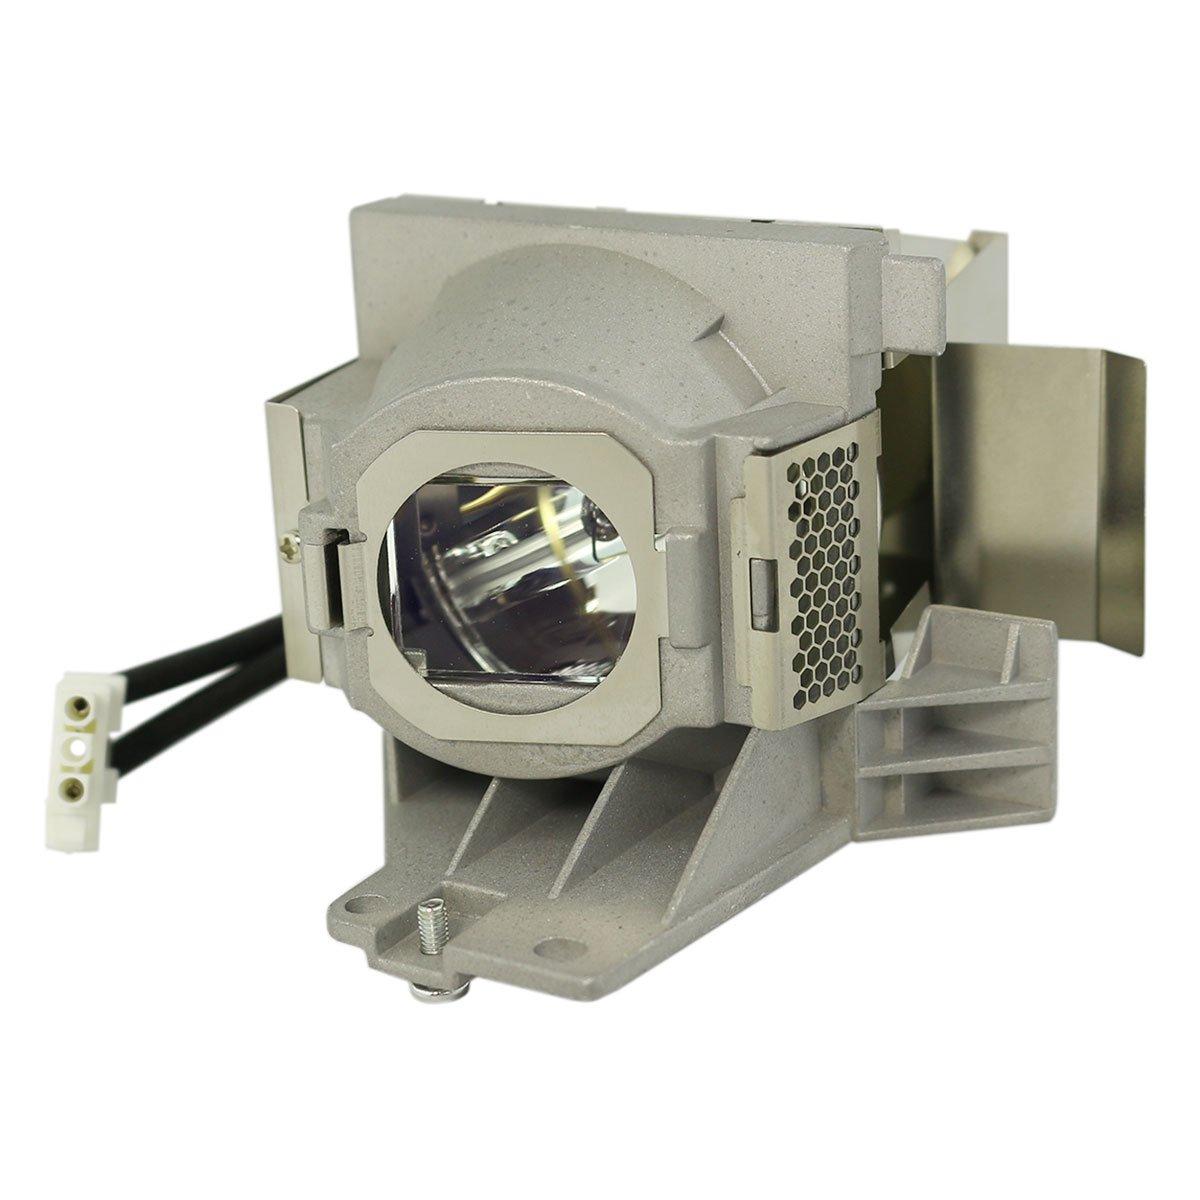 PROJECTOR LAMP BULB FOR VIEWSONIC PRO7827HD PJD7827HD PJD7836HDL RLC-101 RLC101